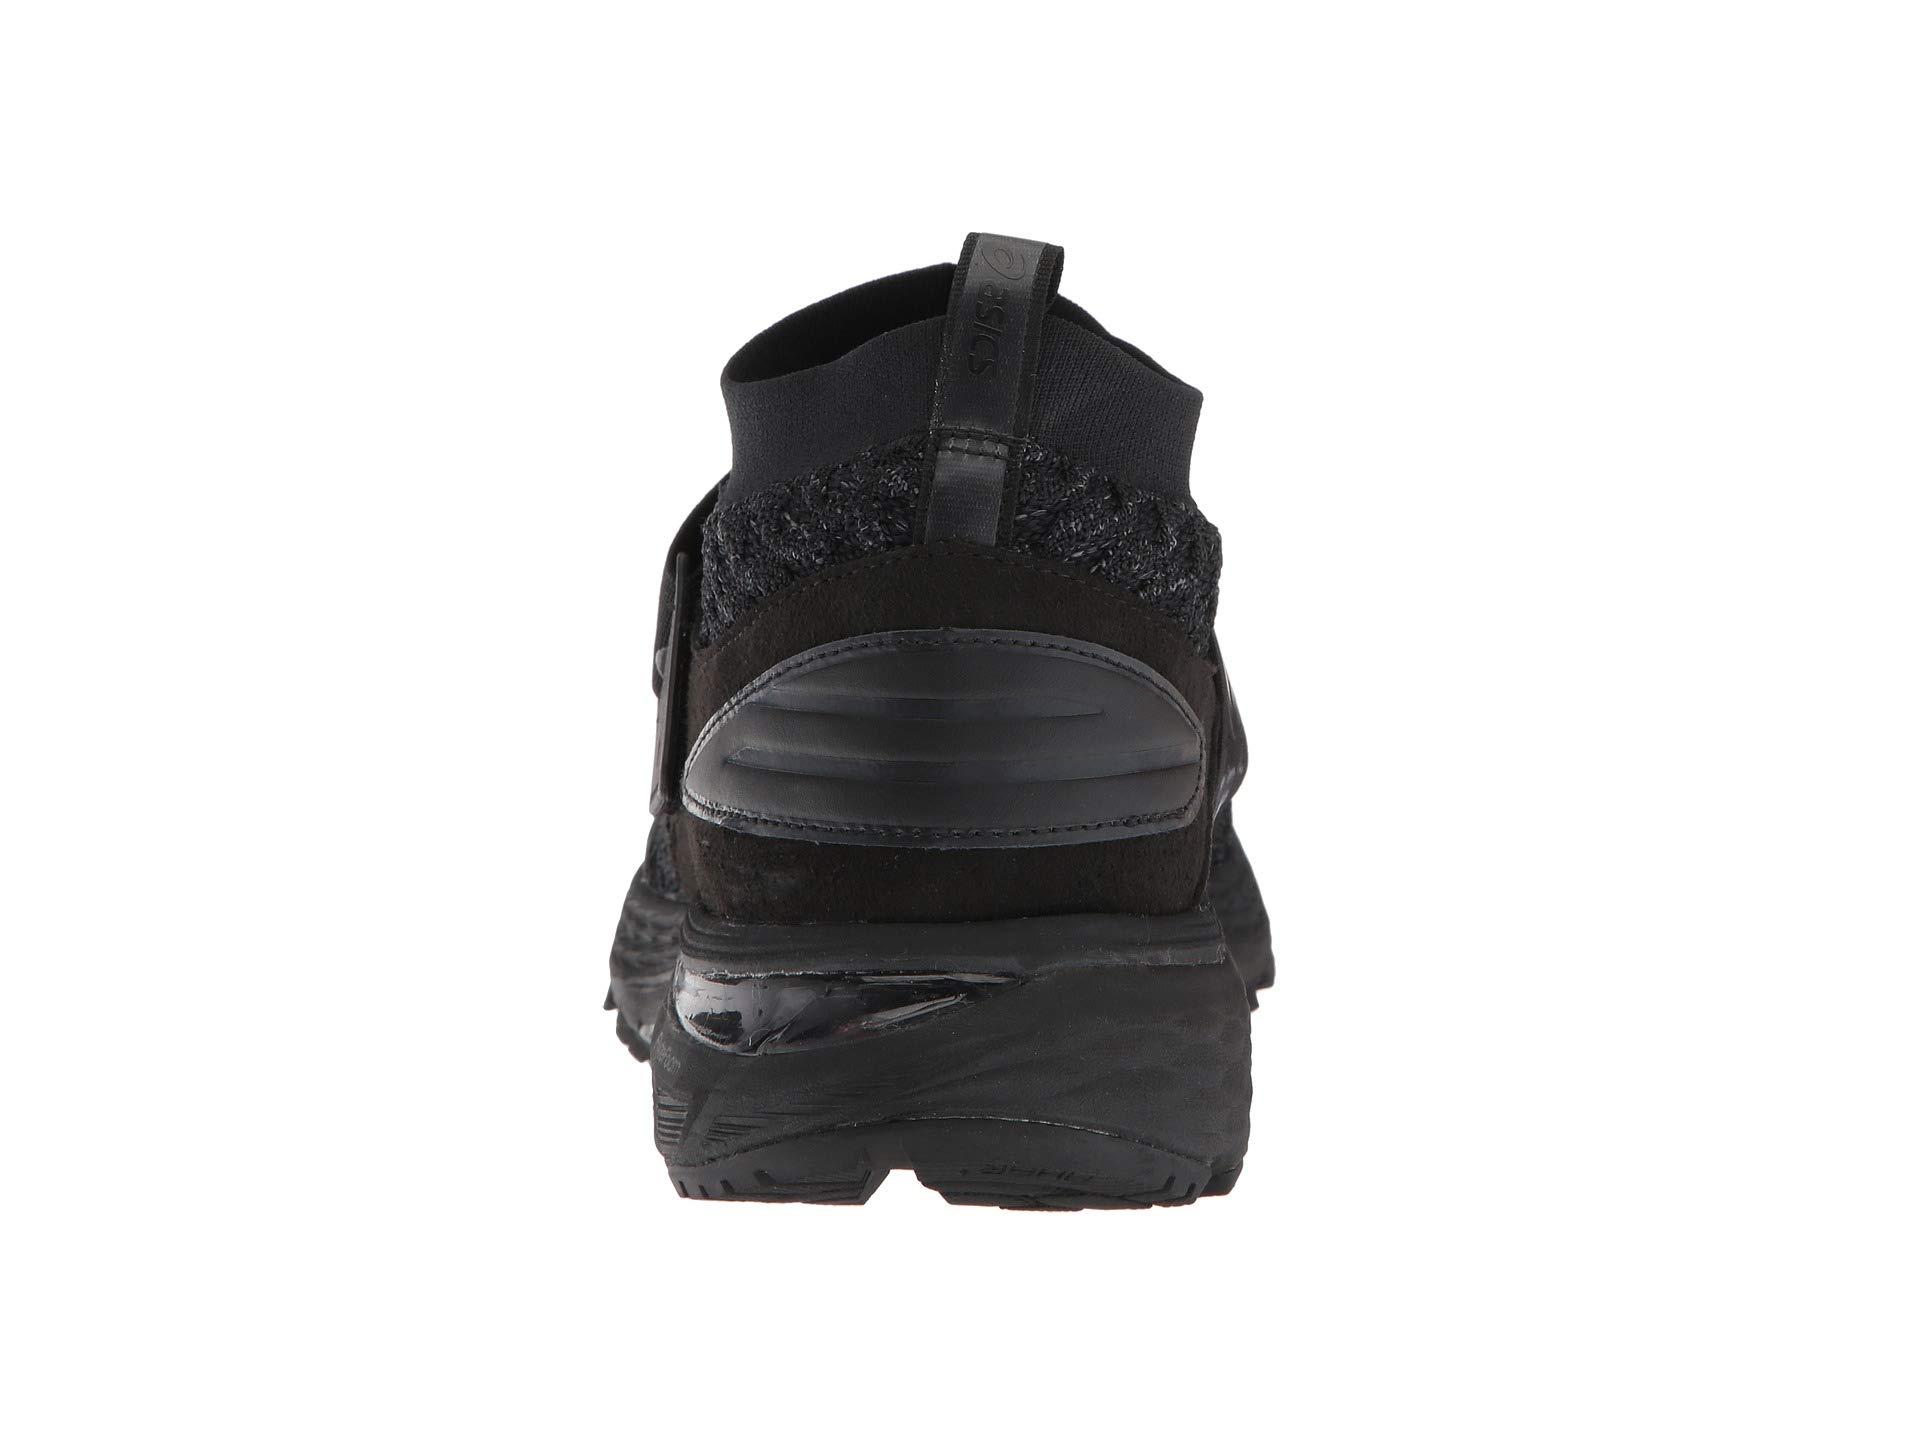 61Wf4vxBMTL - ASICS Mens Gel-Kayano 25 Obistag Black/Carbon Running Shoe - 9